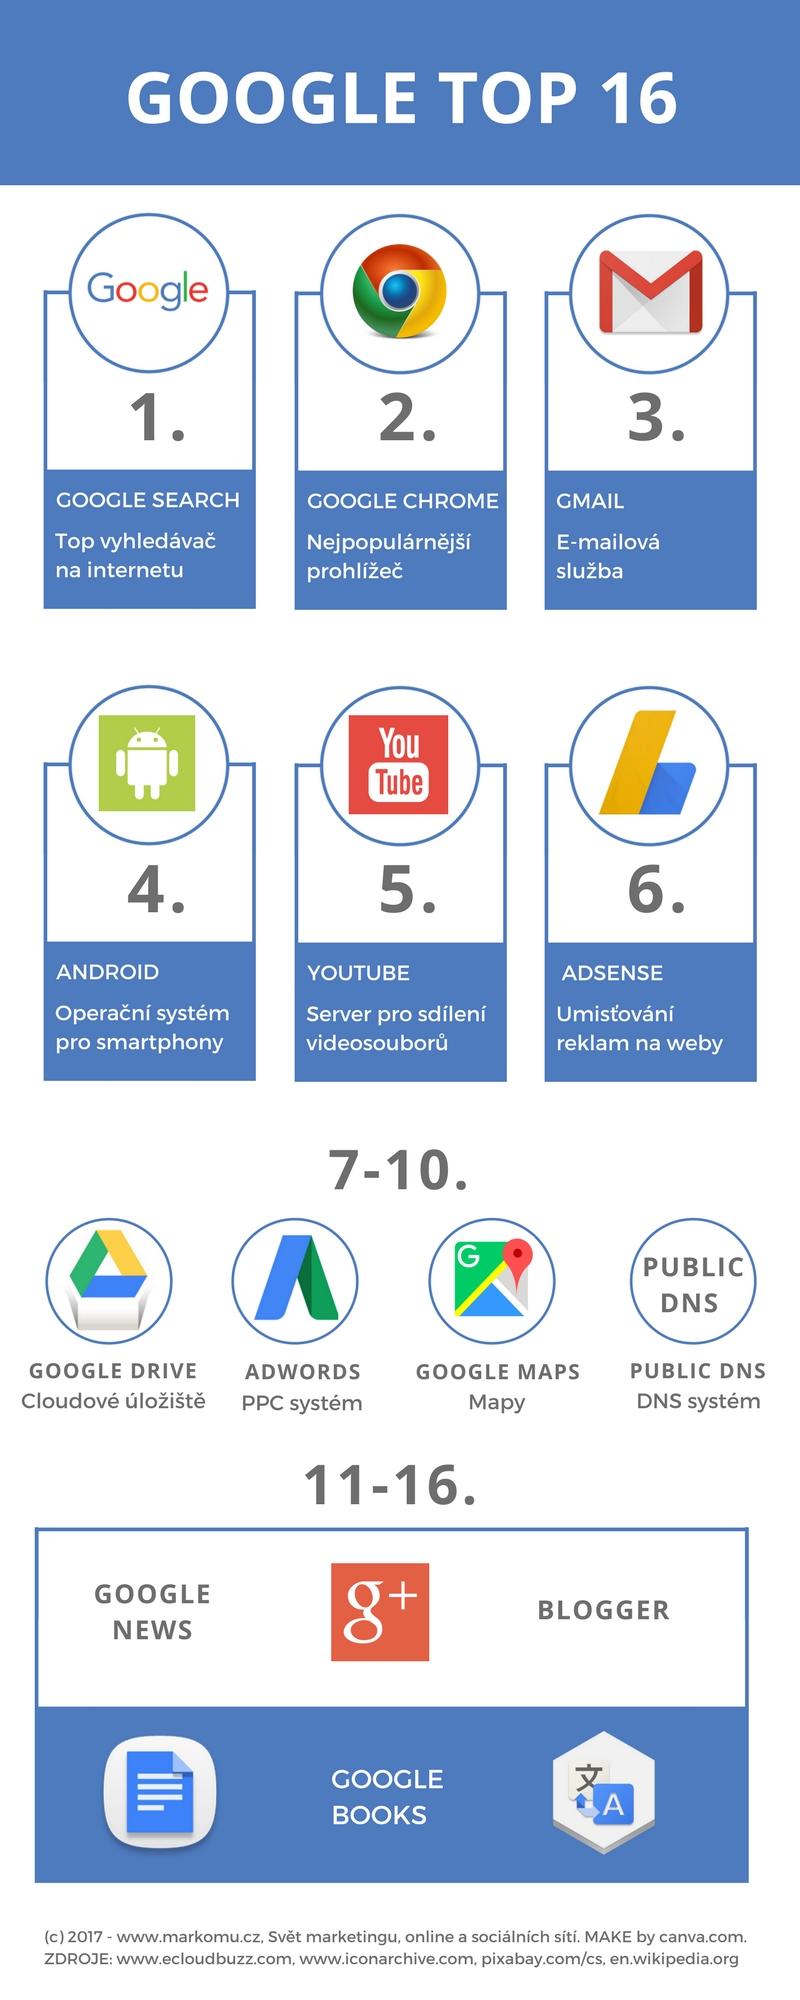 google - nejpoužívanější služby infomgrafika